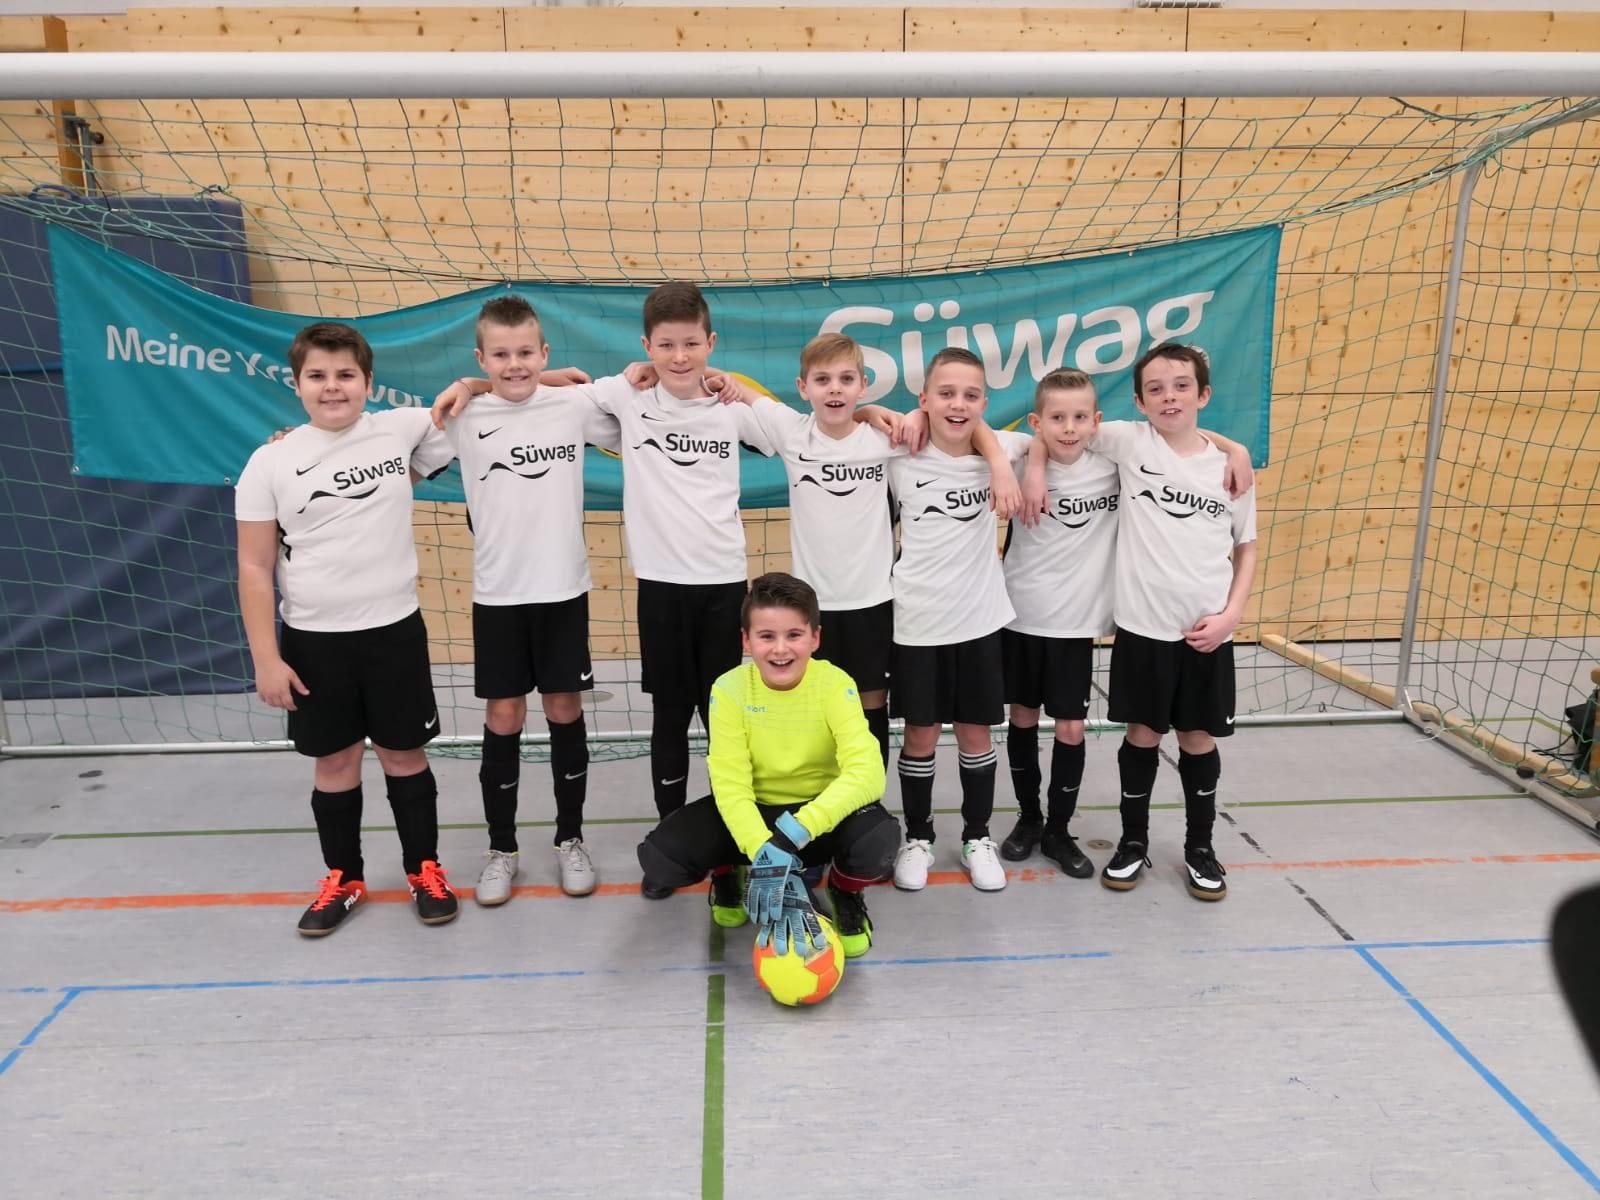 E-Junioren U11 - VfB Linz - Süwag Hallencup 2020